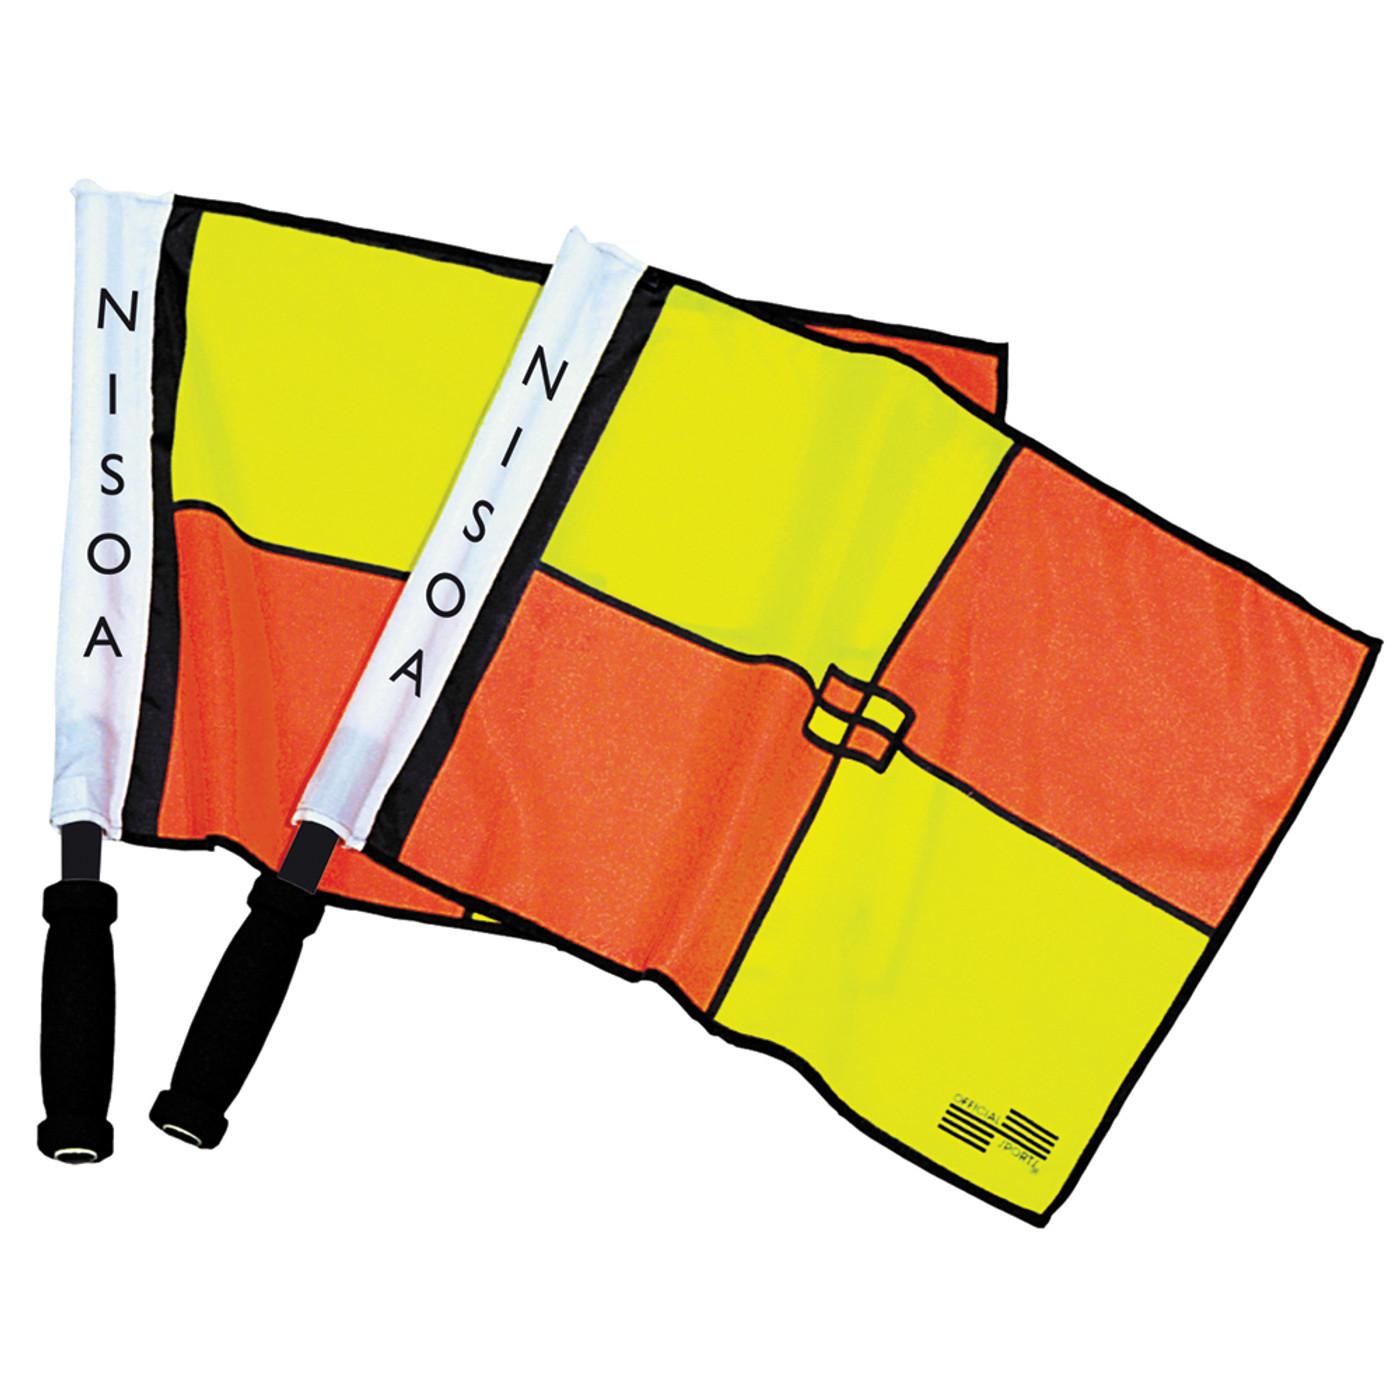 1532N NISOA Pro Swivel Flag Set